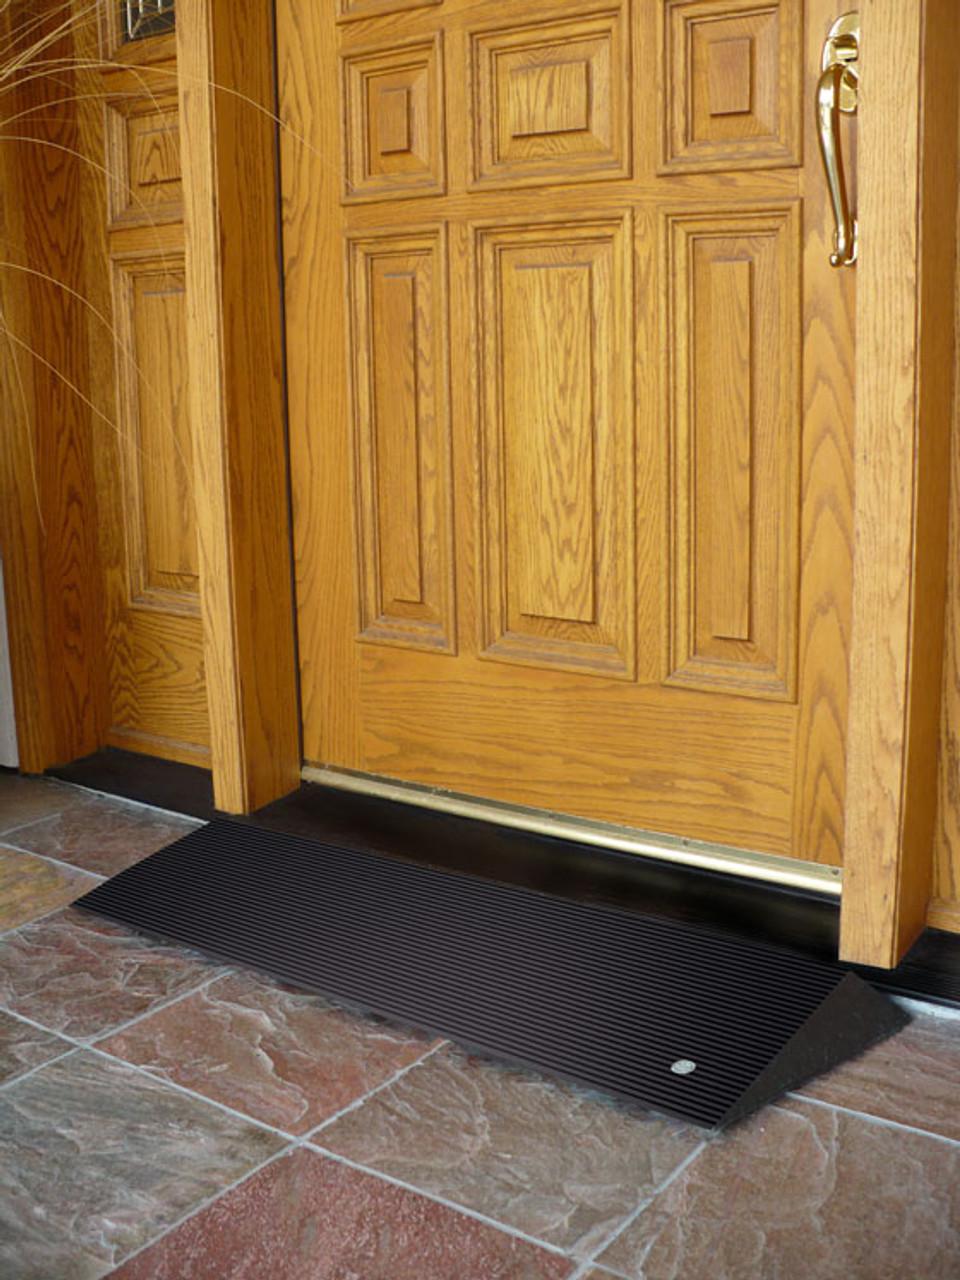 1.5 inch high entry mat a front door